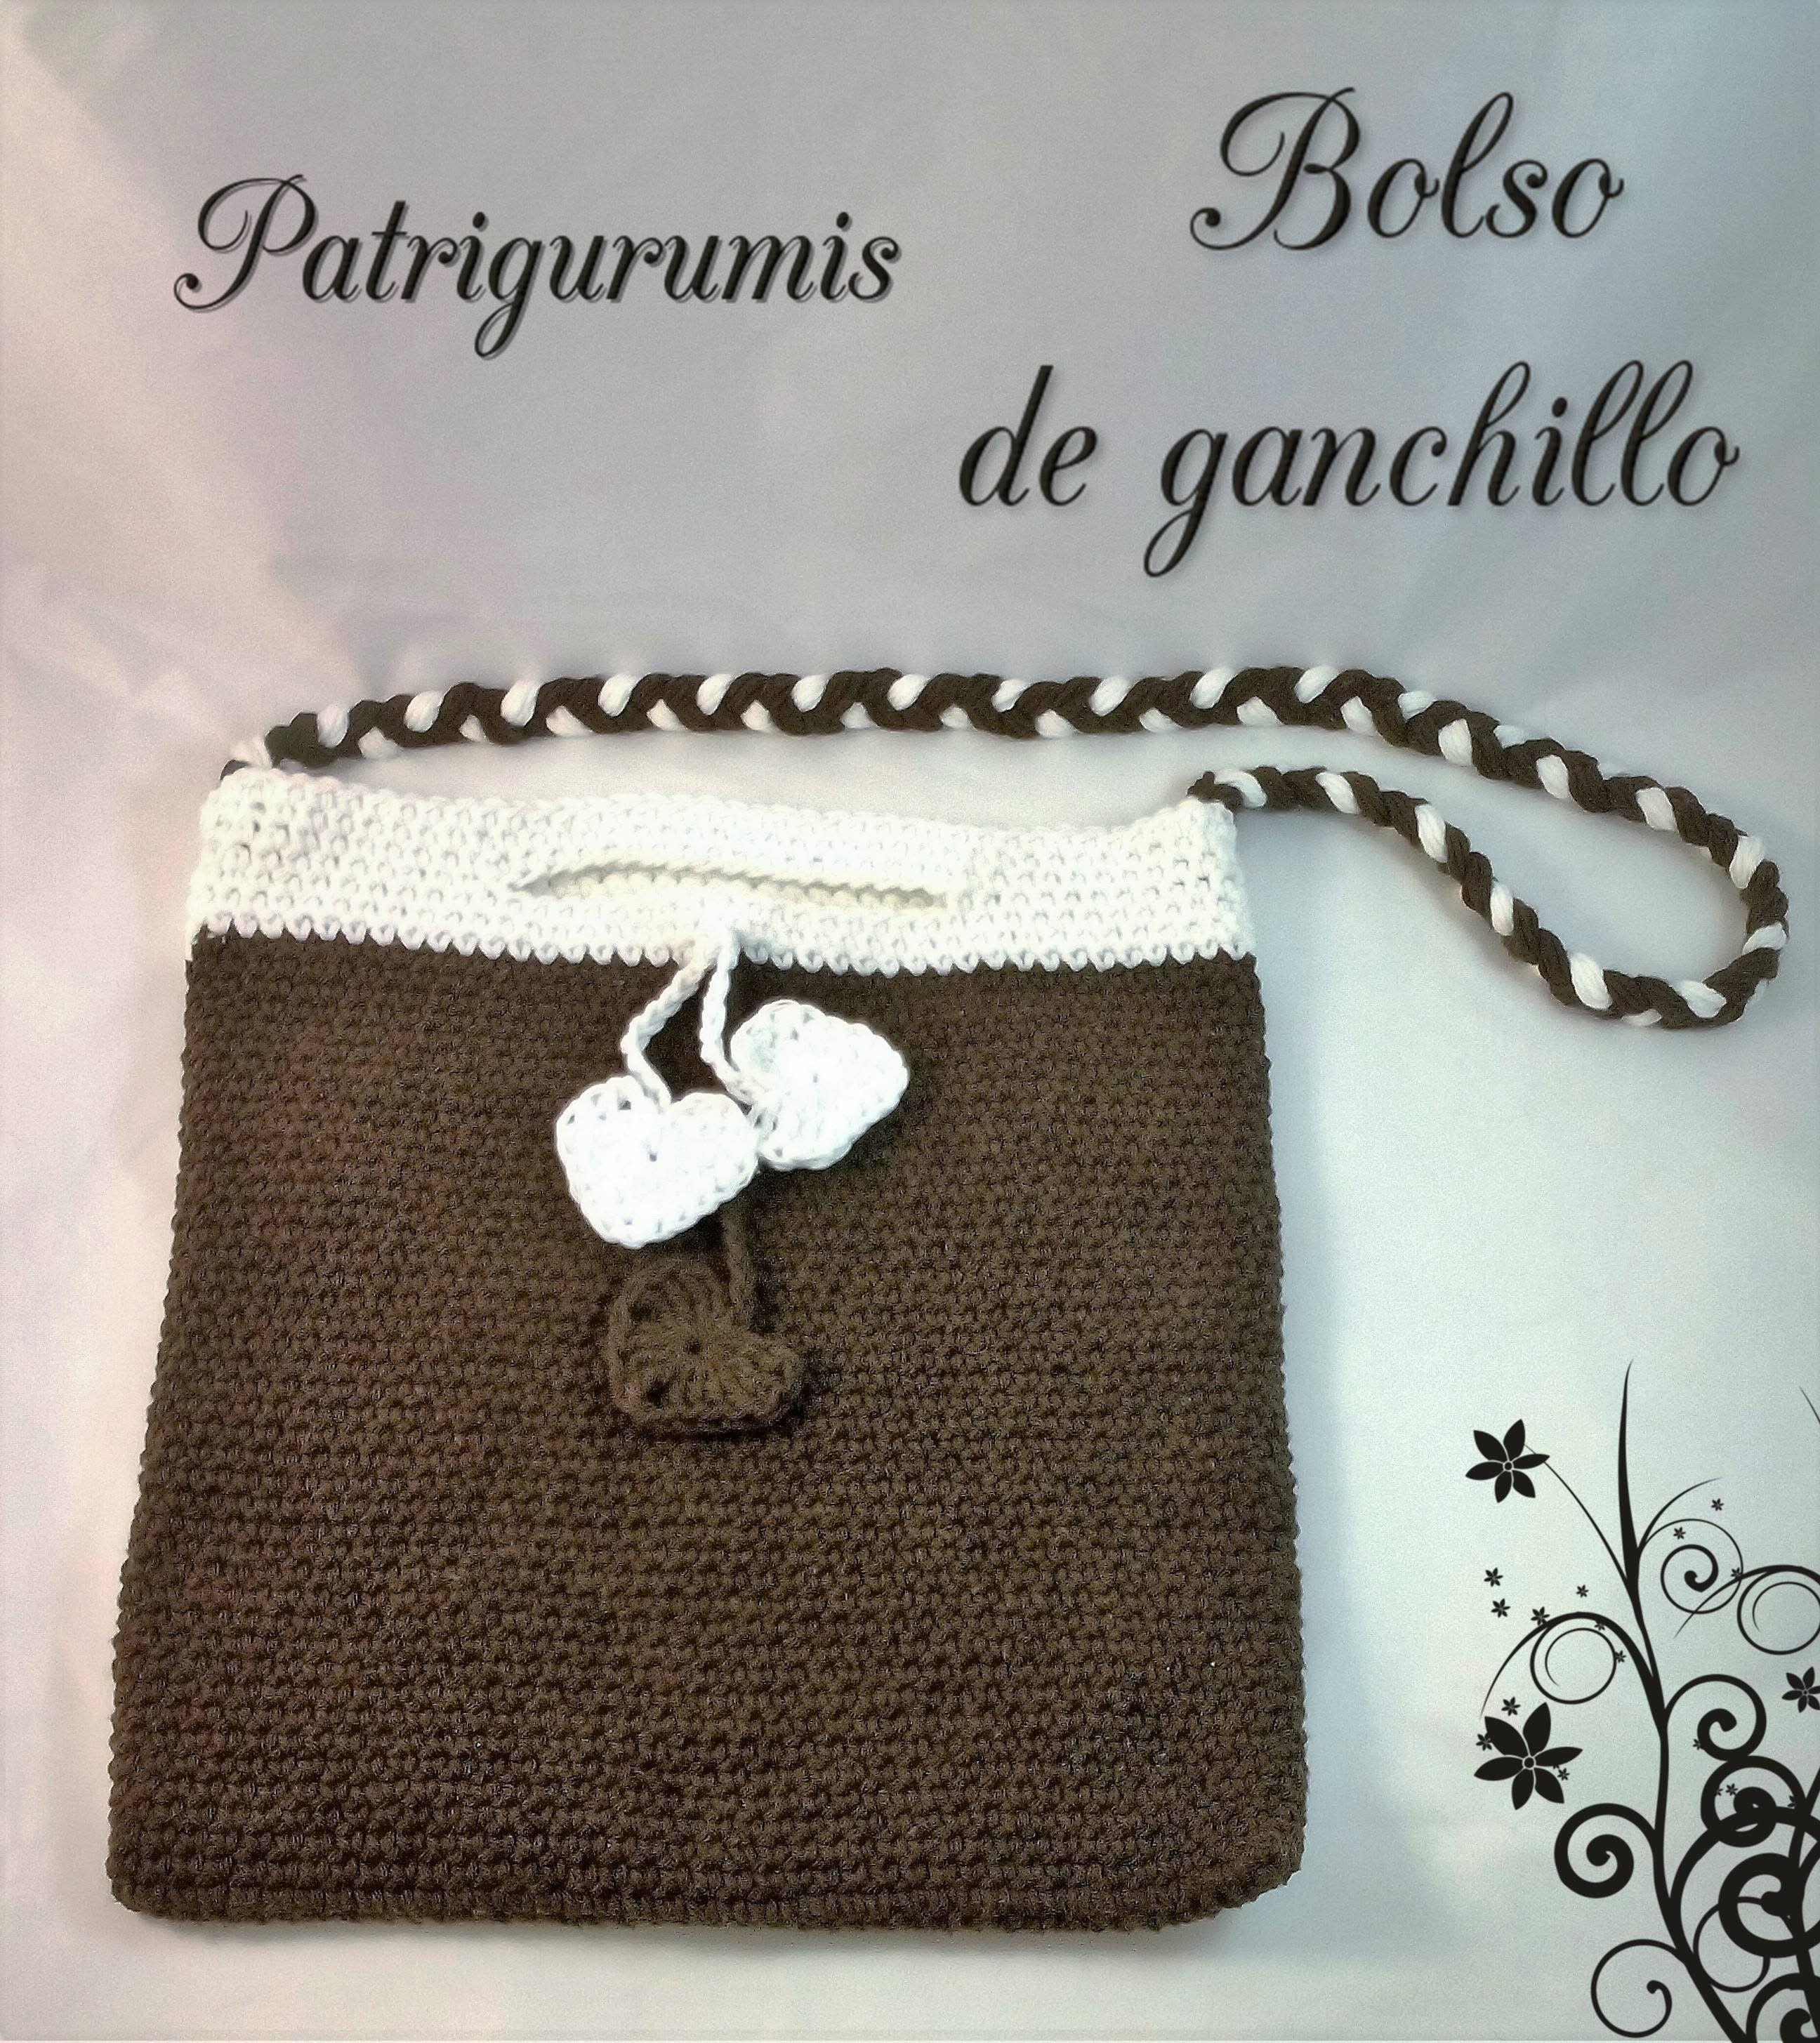 DIY Bolso en ganchillo - Crochet   Patrigurumis   Pinterest ...